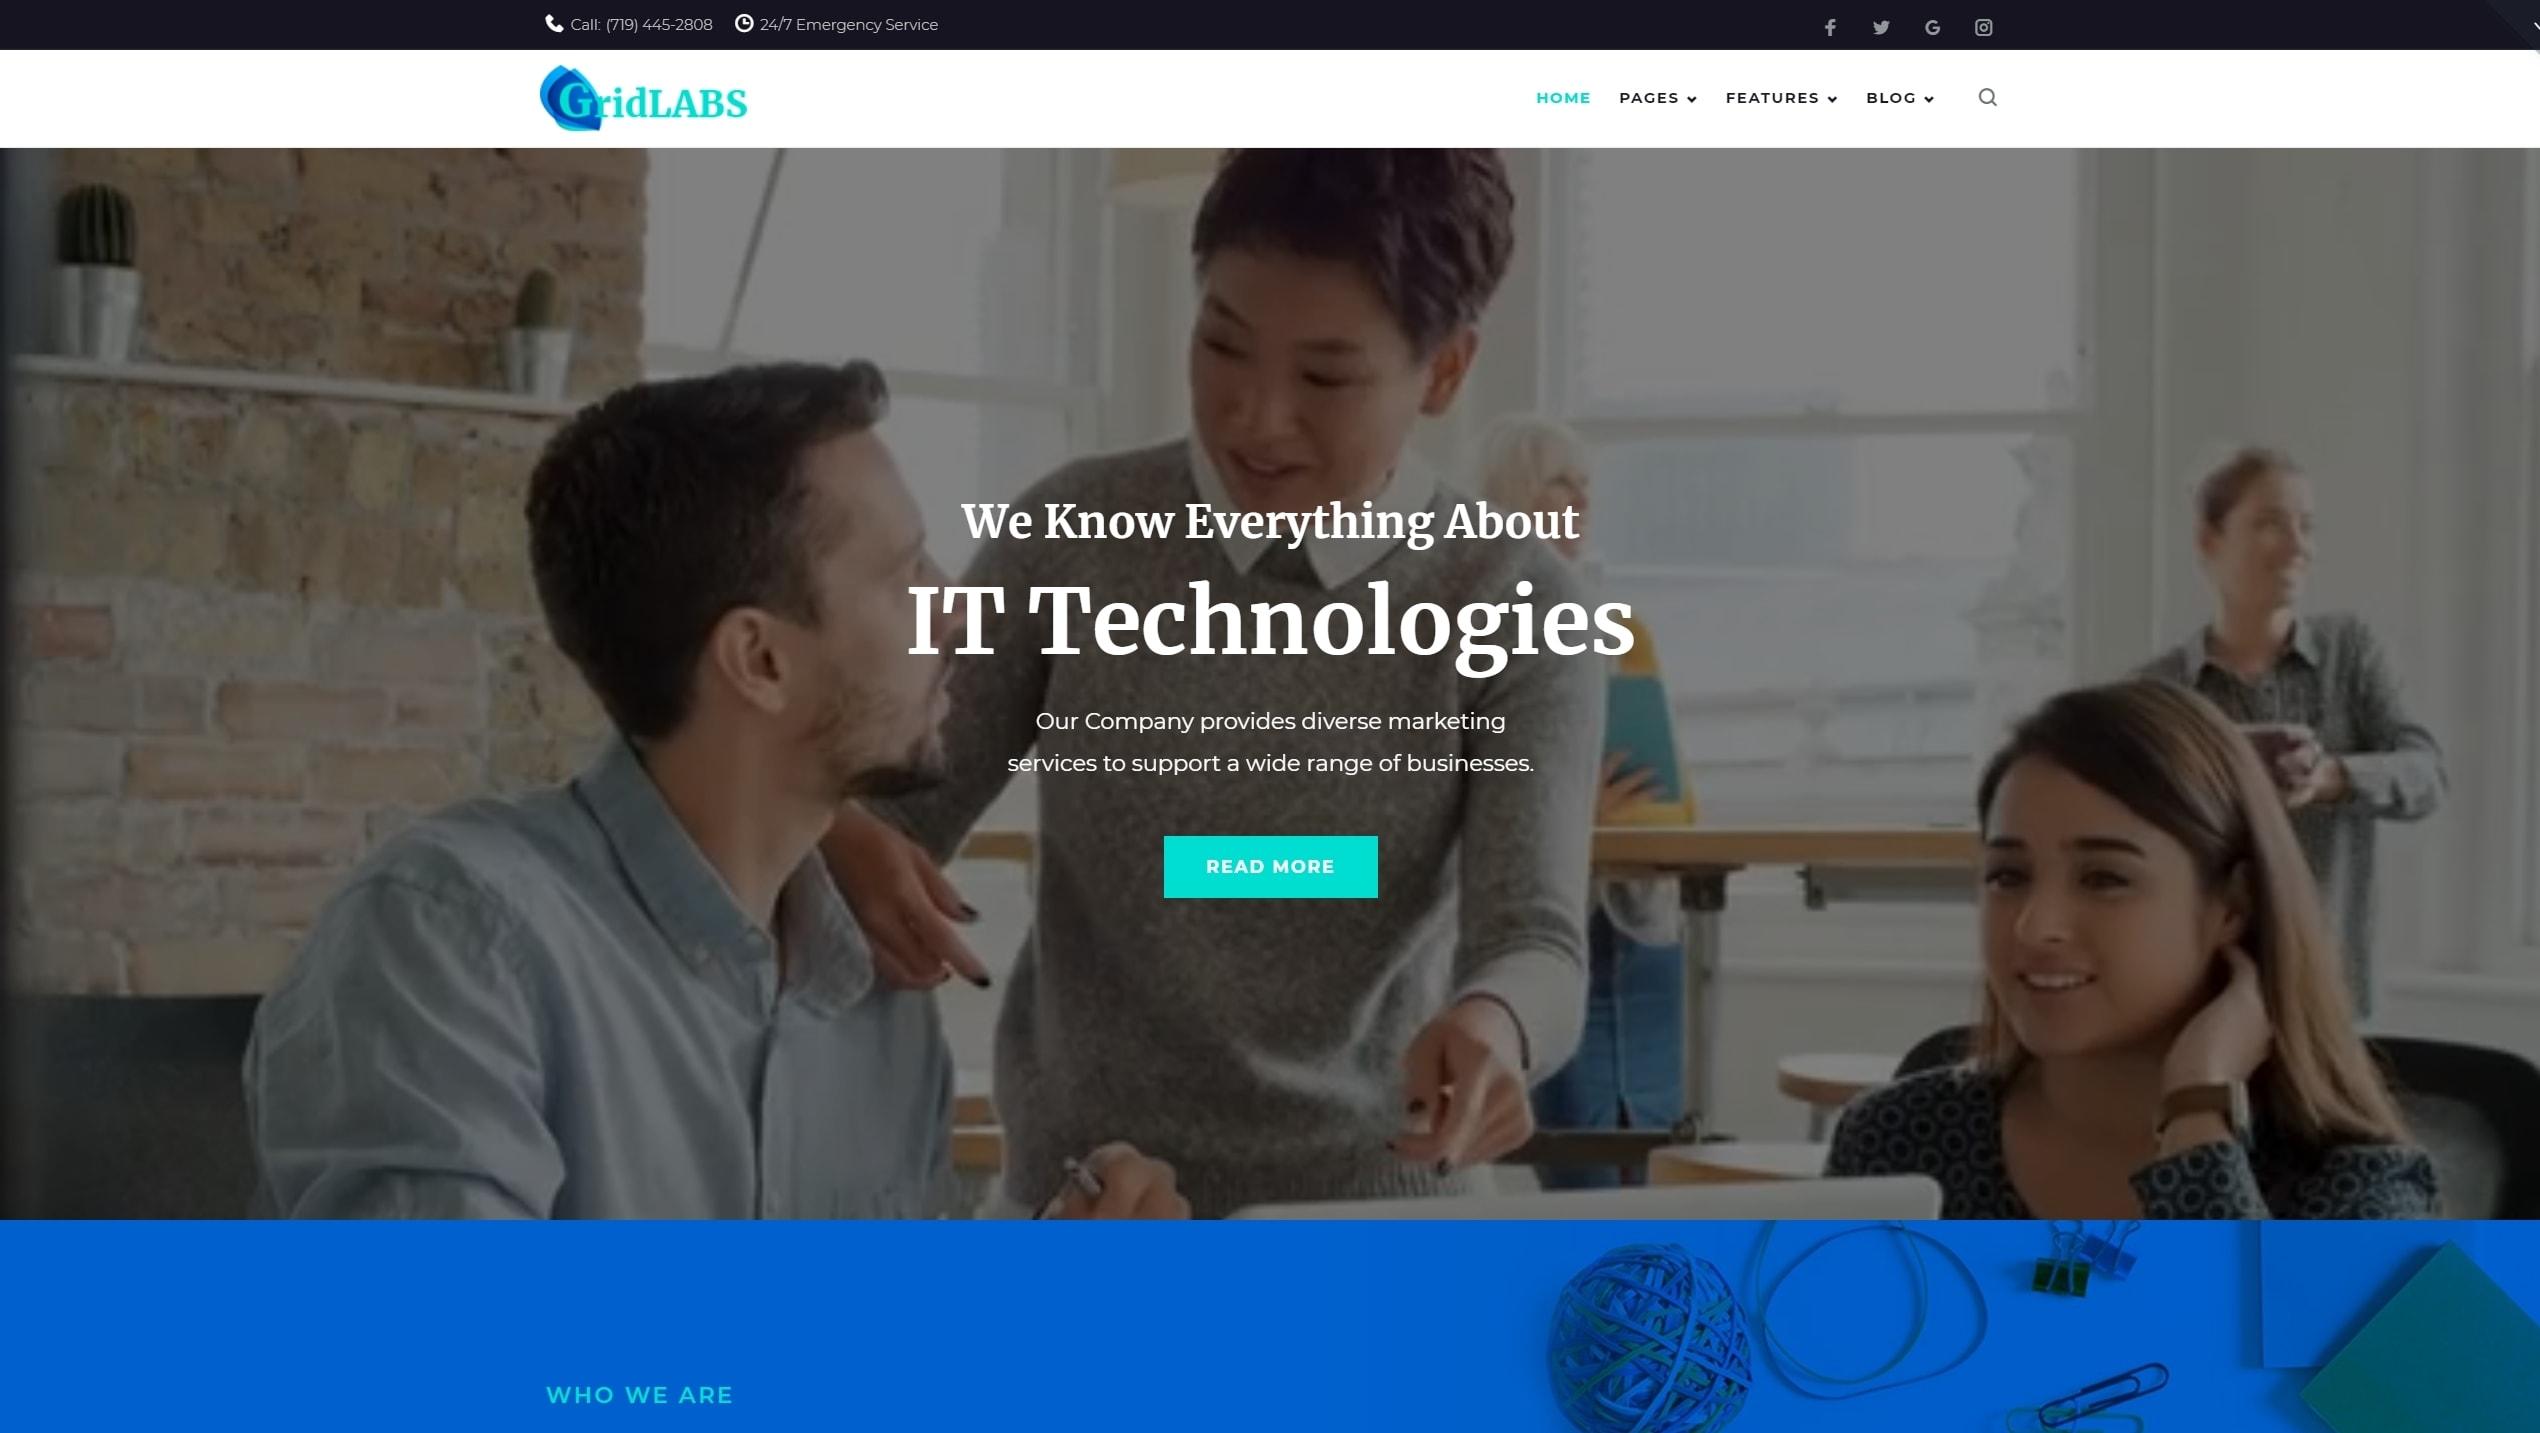 Композер Elementor – быстрый и доступный способ создания сайтов для бизнеса